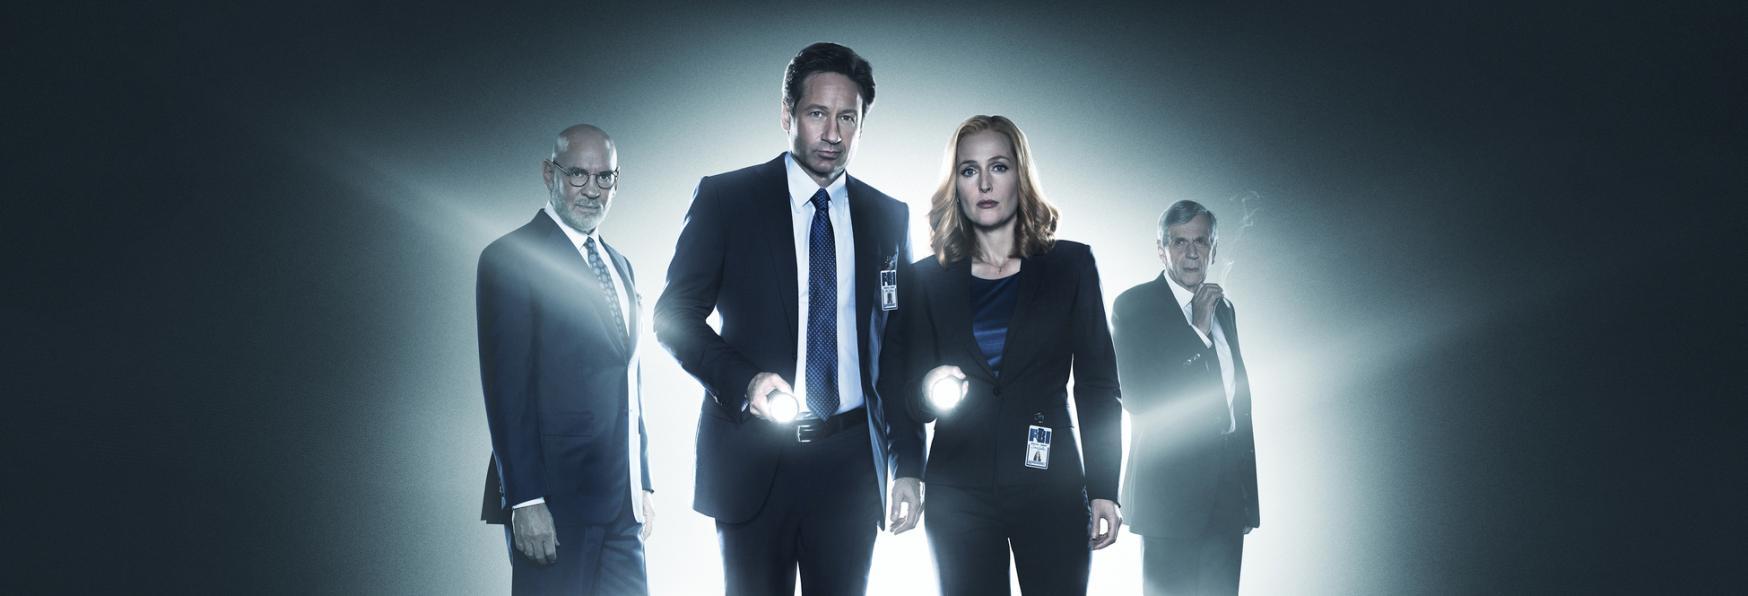 X-Files: alcuni membri del Cast parlano di Possibili Nuove Stagioni della Serie TV anni '90